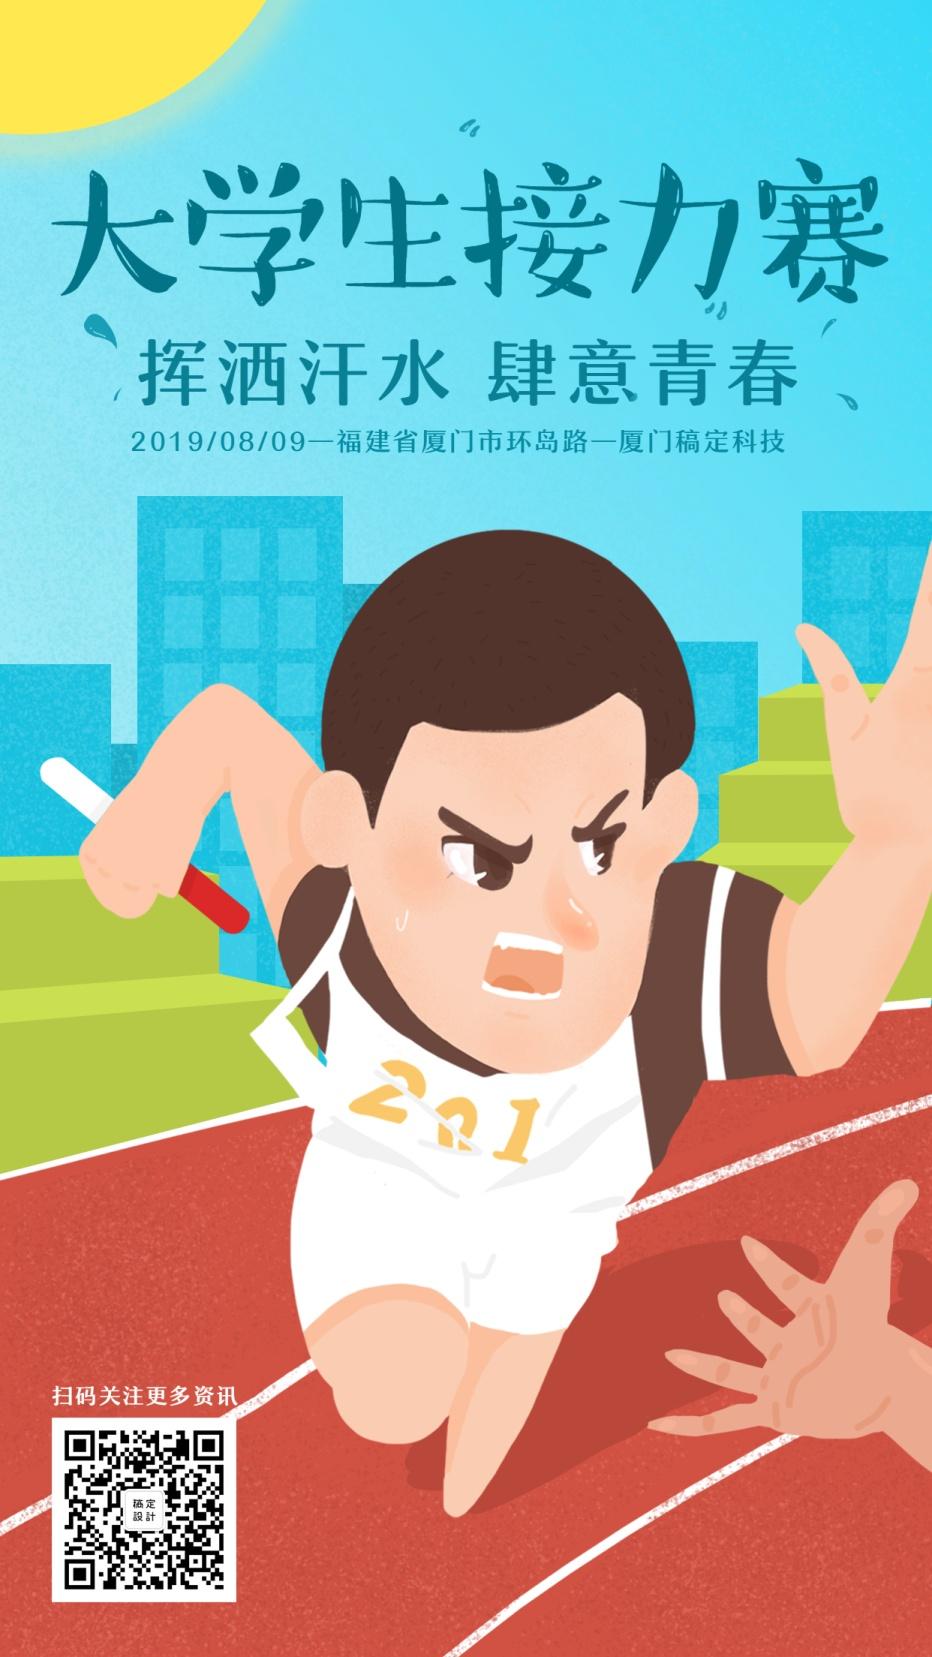 接力赛/跑步比赛/手绘/手机海报